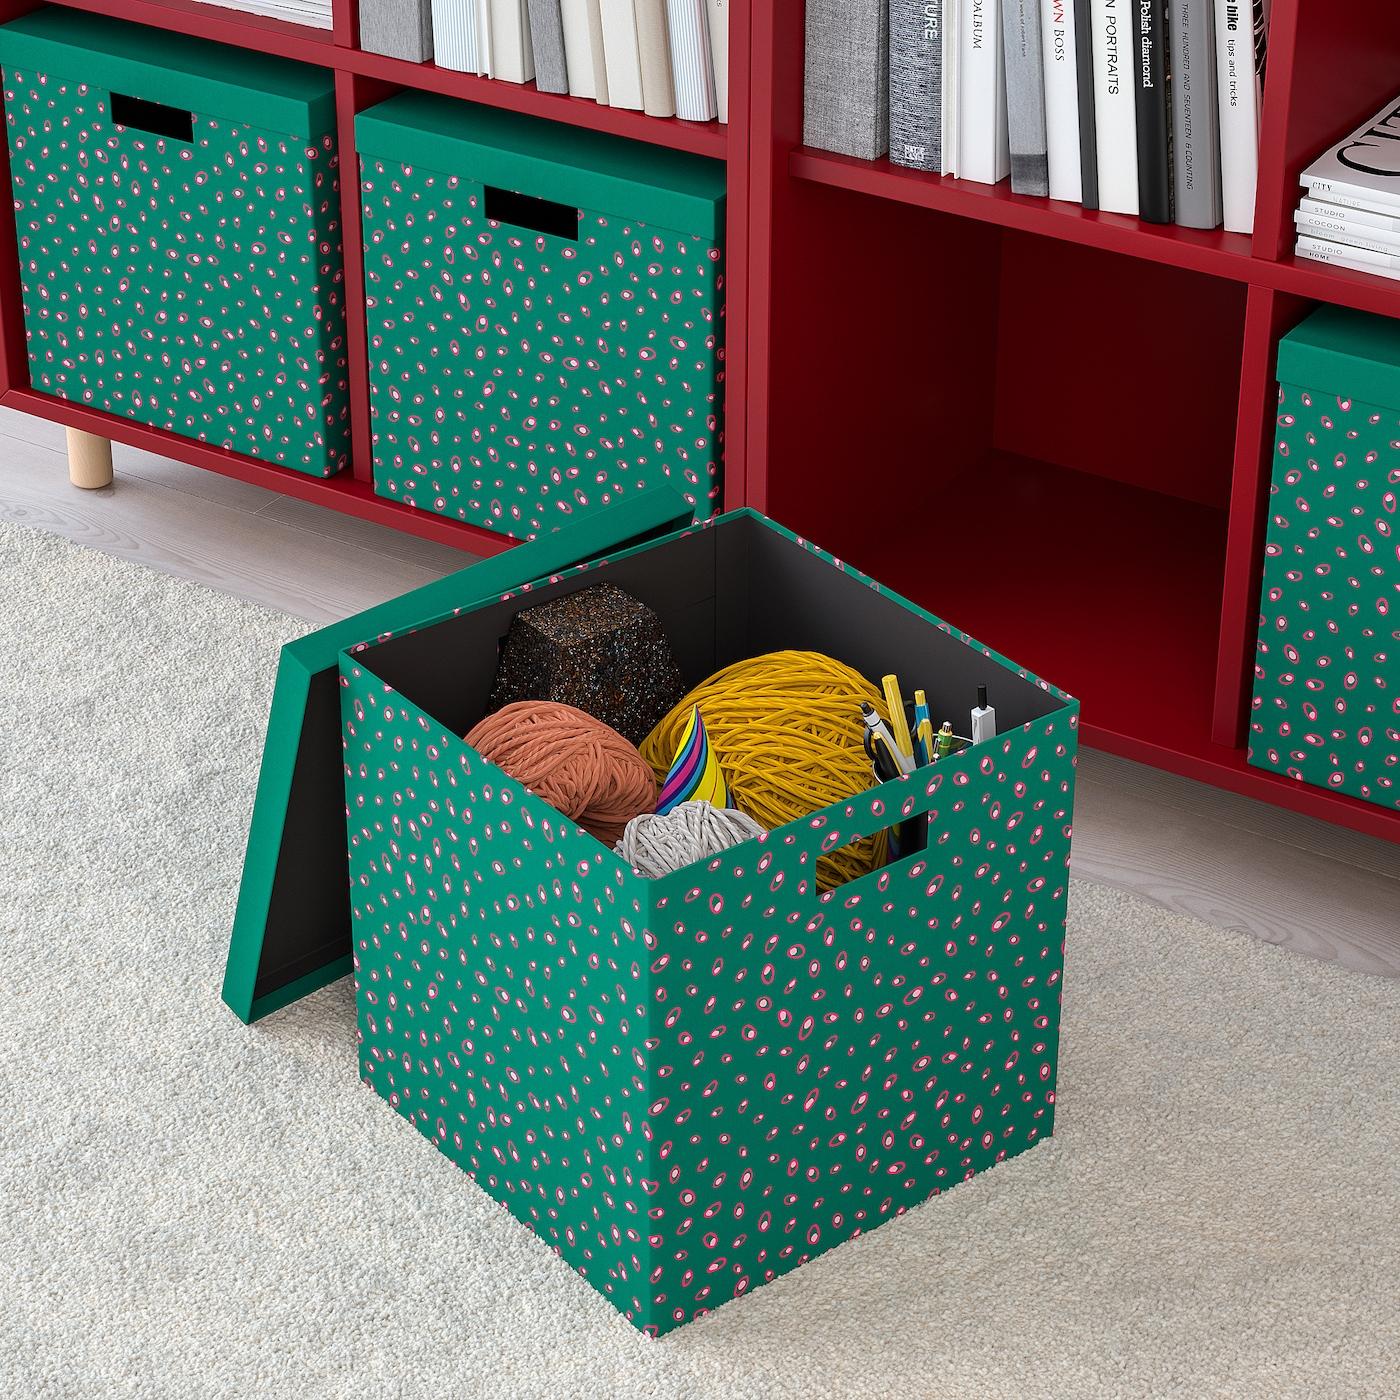 Full Size of Cocoon Modulküche Tjena Kasten Mit Deckel Grn Punkte Ikea Deutschland Holz Wohnzimmer Cocoon Modulküche